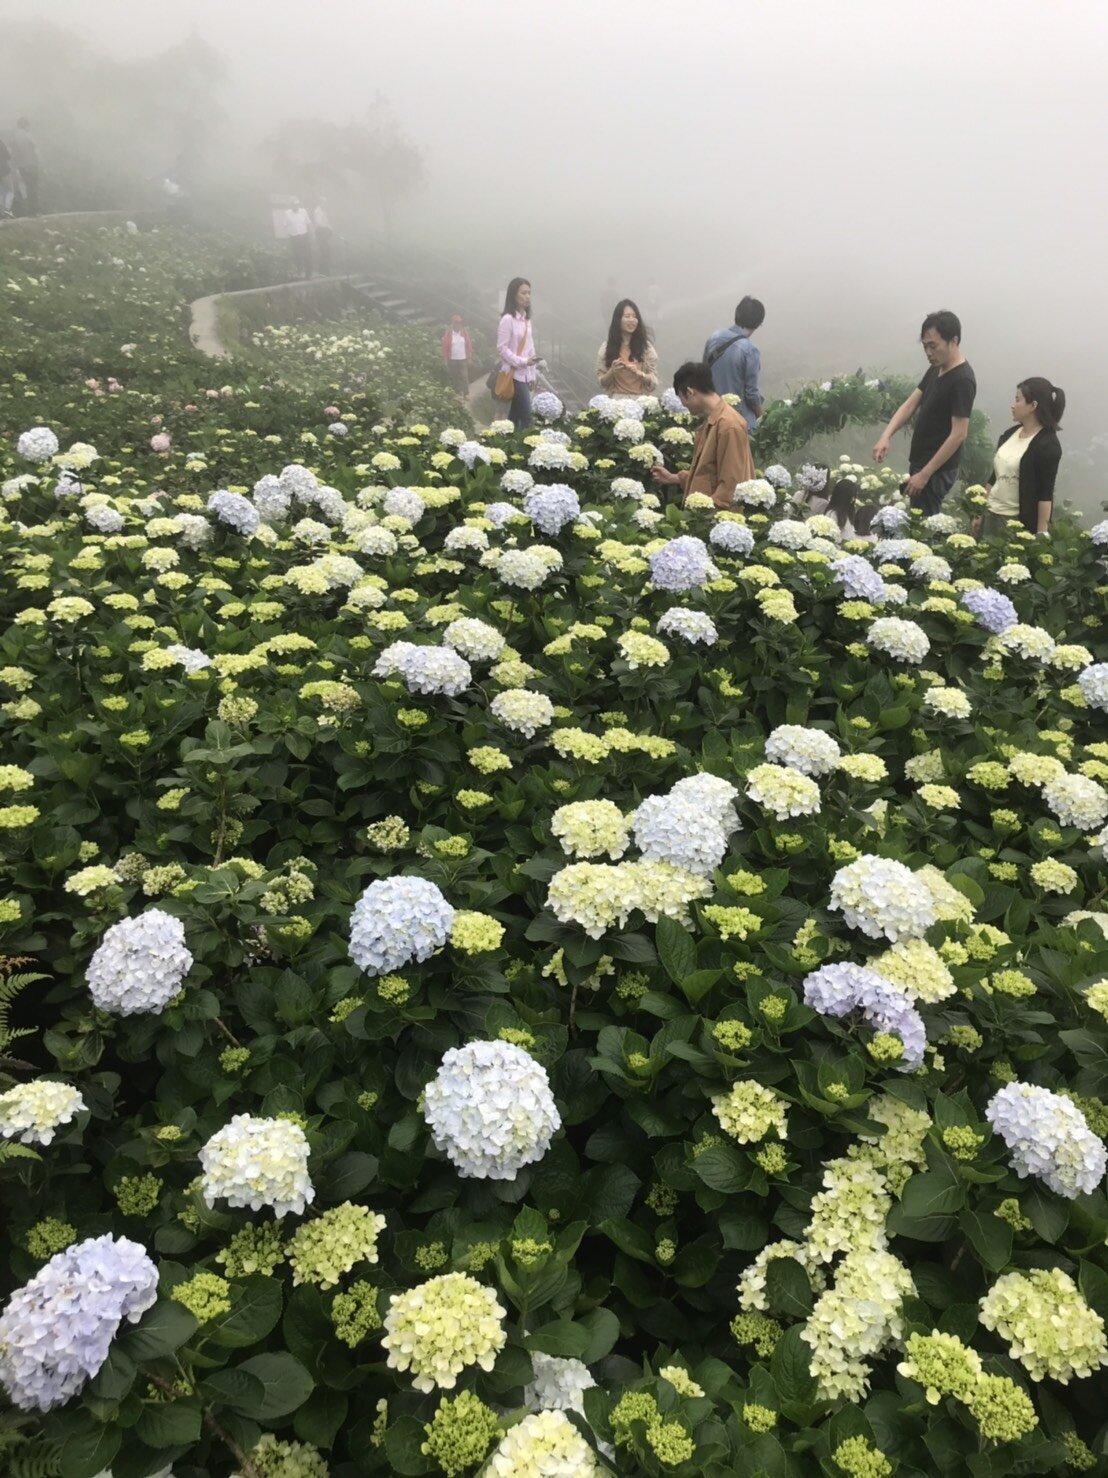 小編5/12實地走訪這天,陽明山起了大霧,但遊客還是開心探訪拍照。